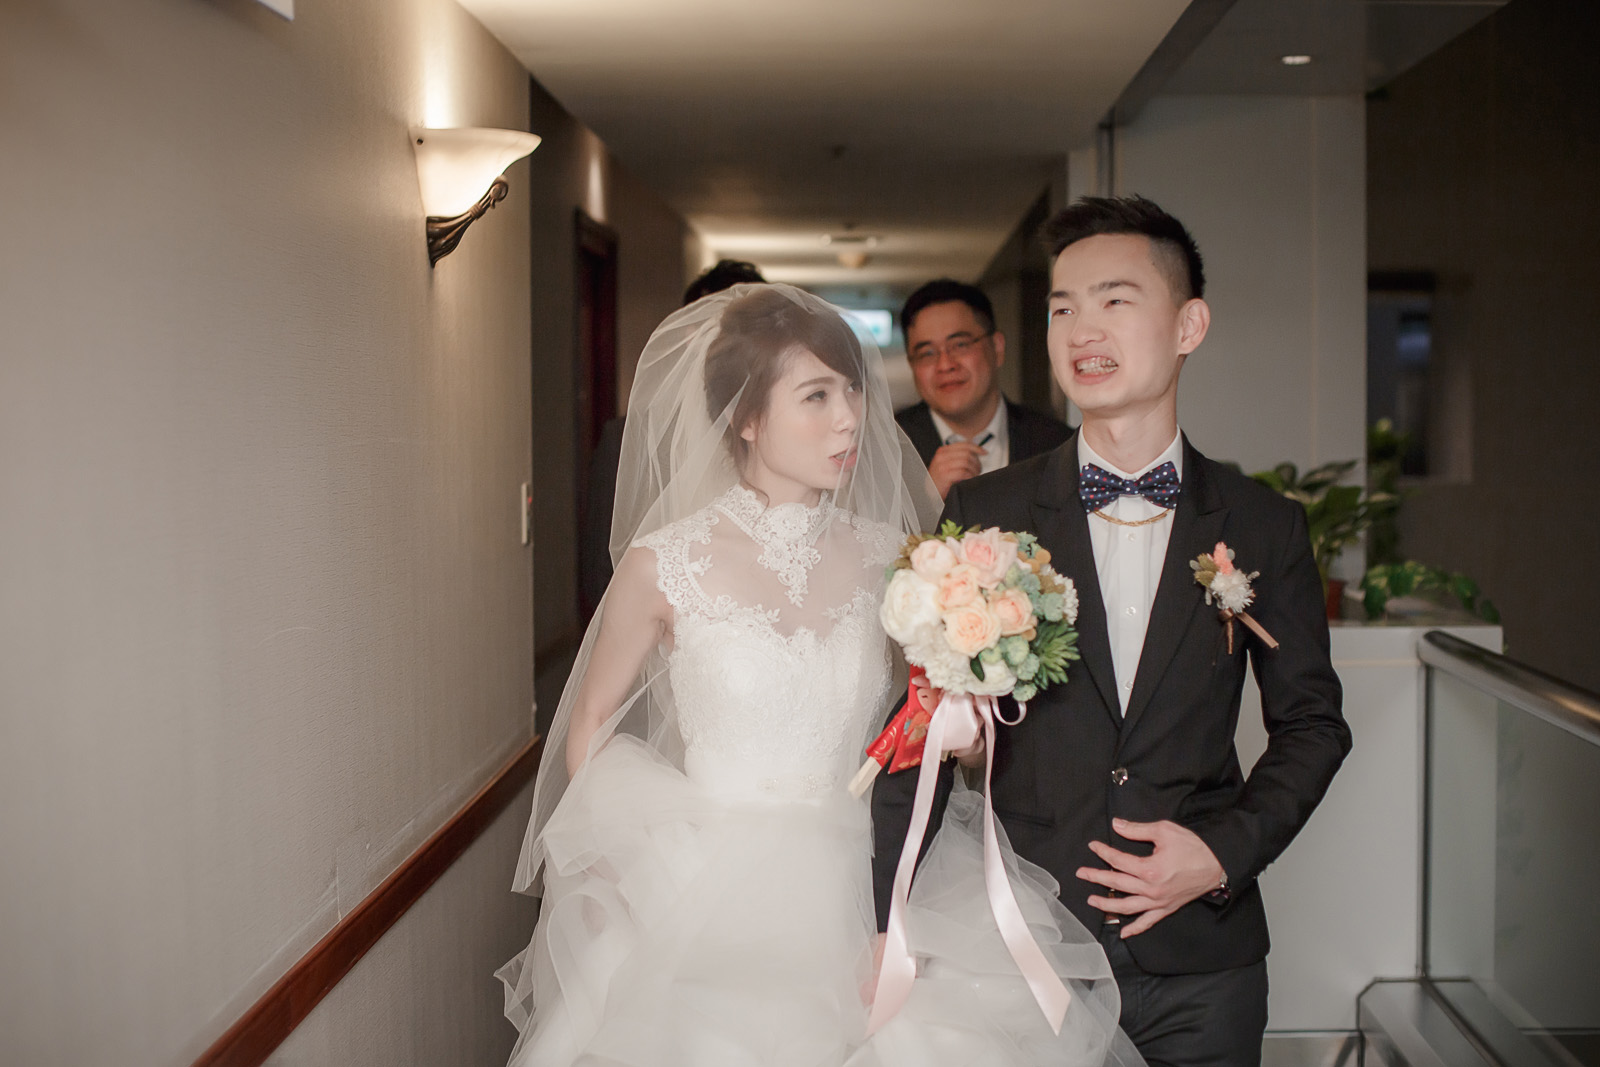 高雄圓山飯店,婚禮攝影,婚攝,高雄婚攝,優質婚攝推薦,Jen&Ethan-154